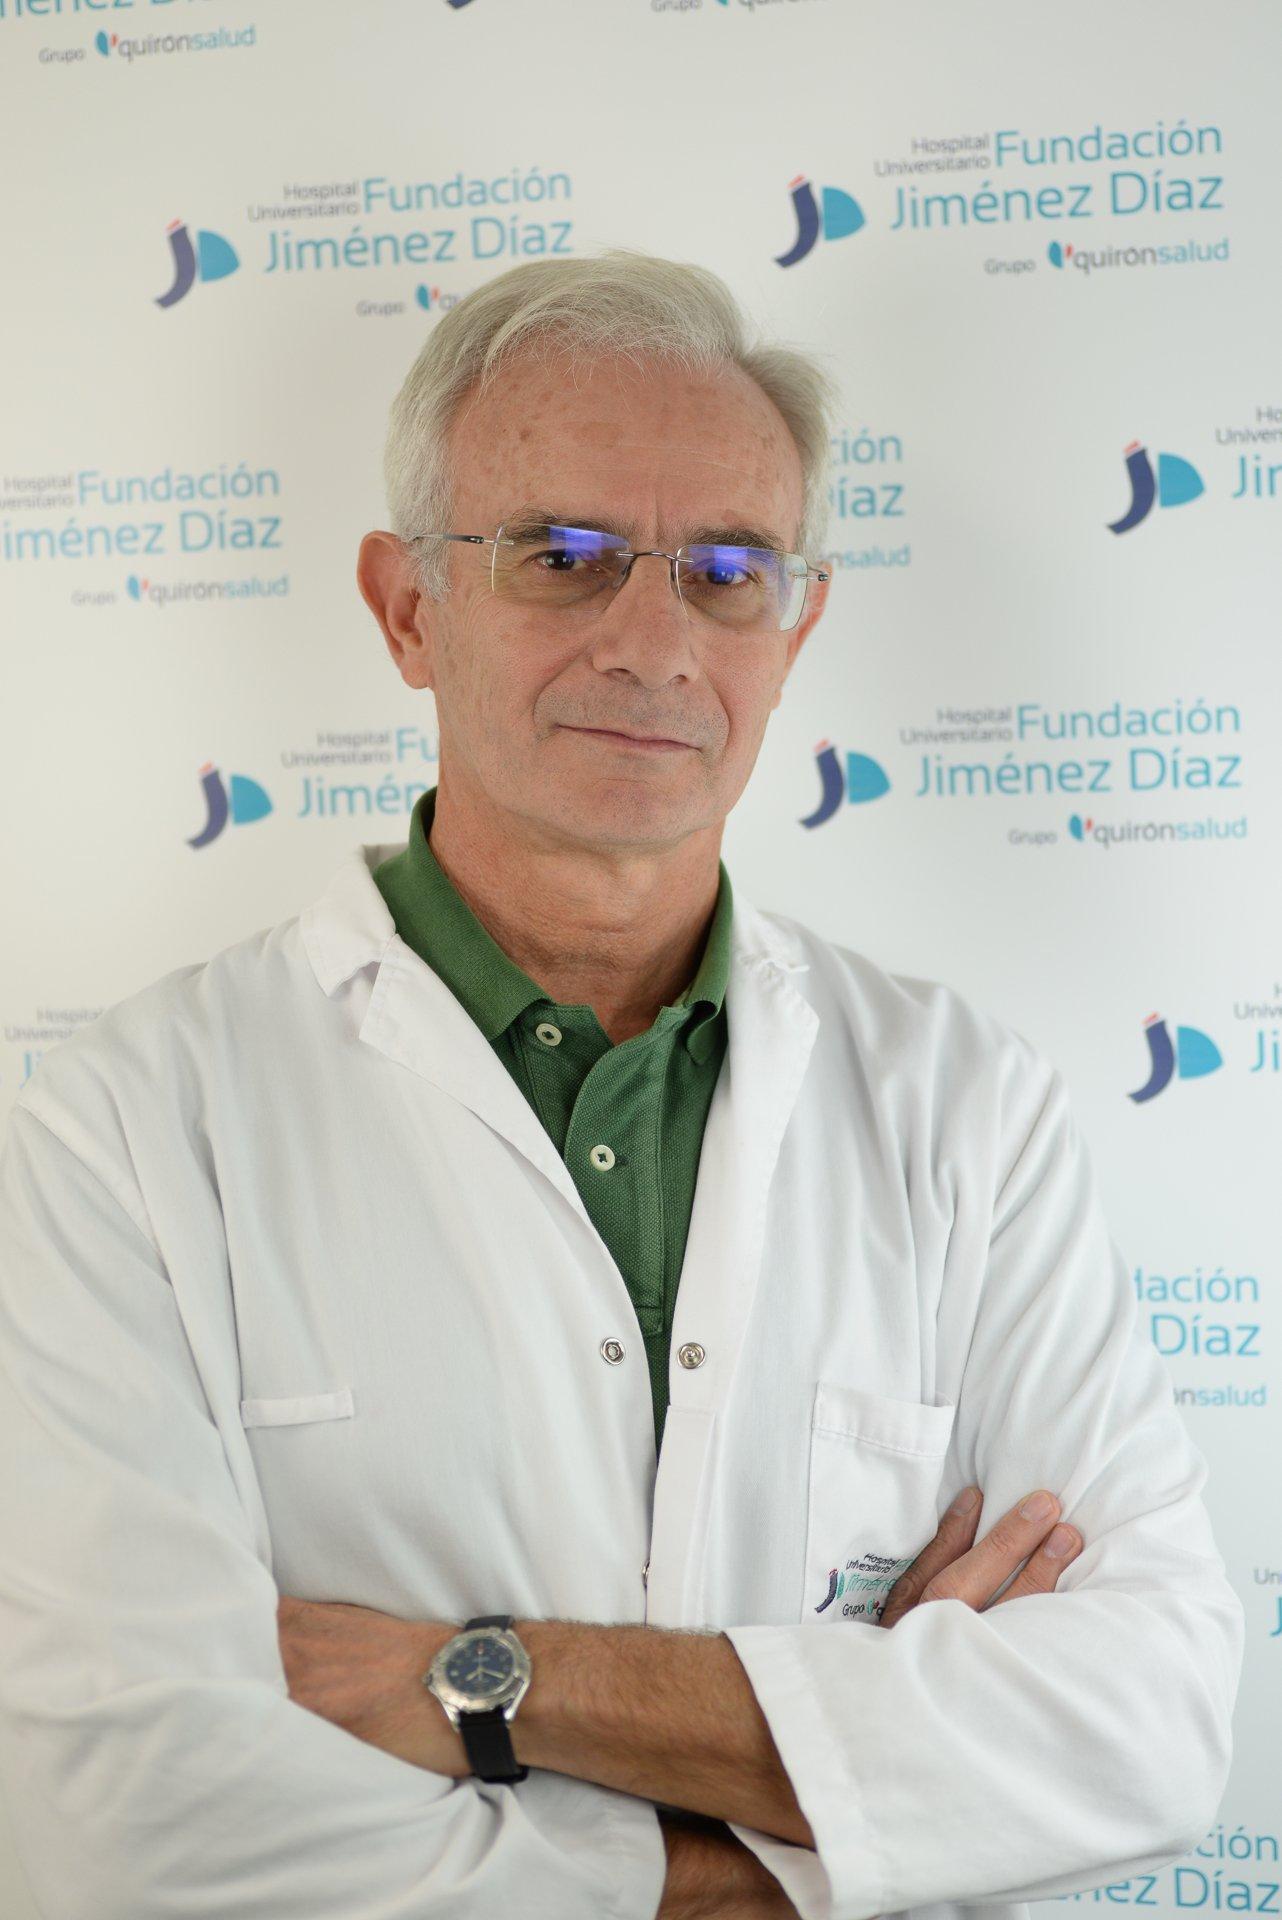 """Miguel de Górgolas: """"Hace falta más educación sexual entre los jóvenes"""""""